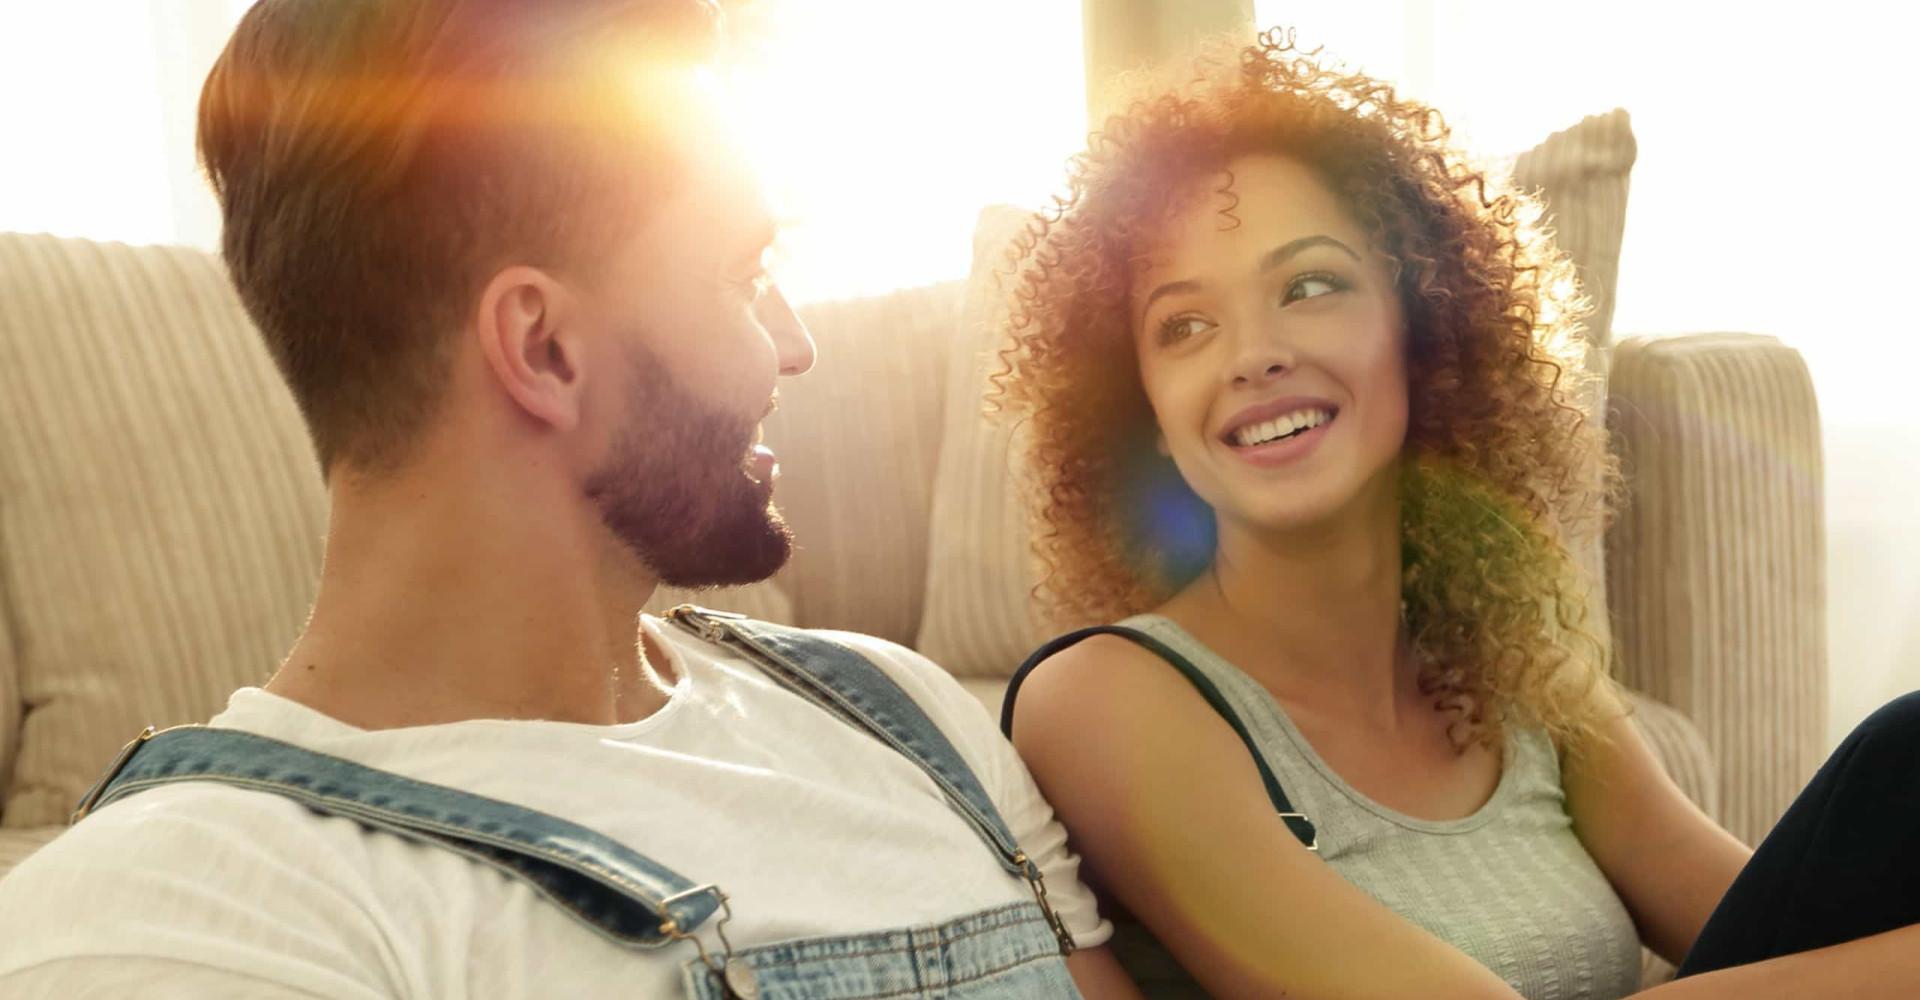 ¡Hazle estas preguntas a tu pareja antes de casarte!